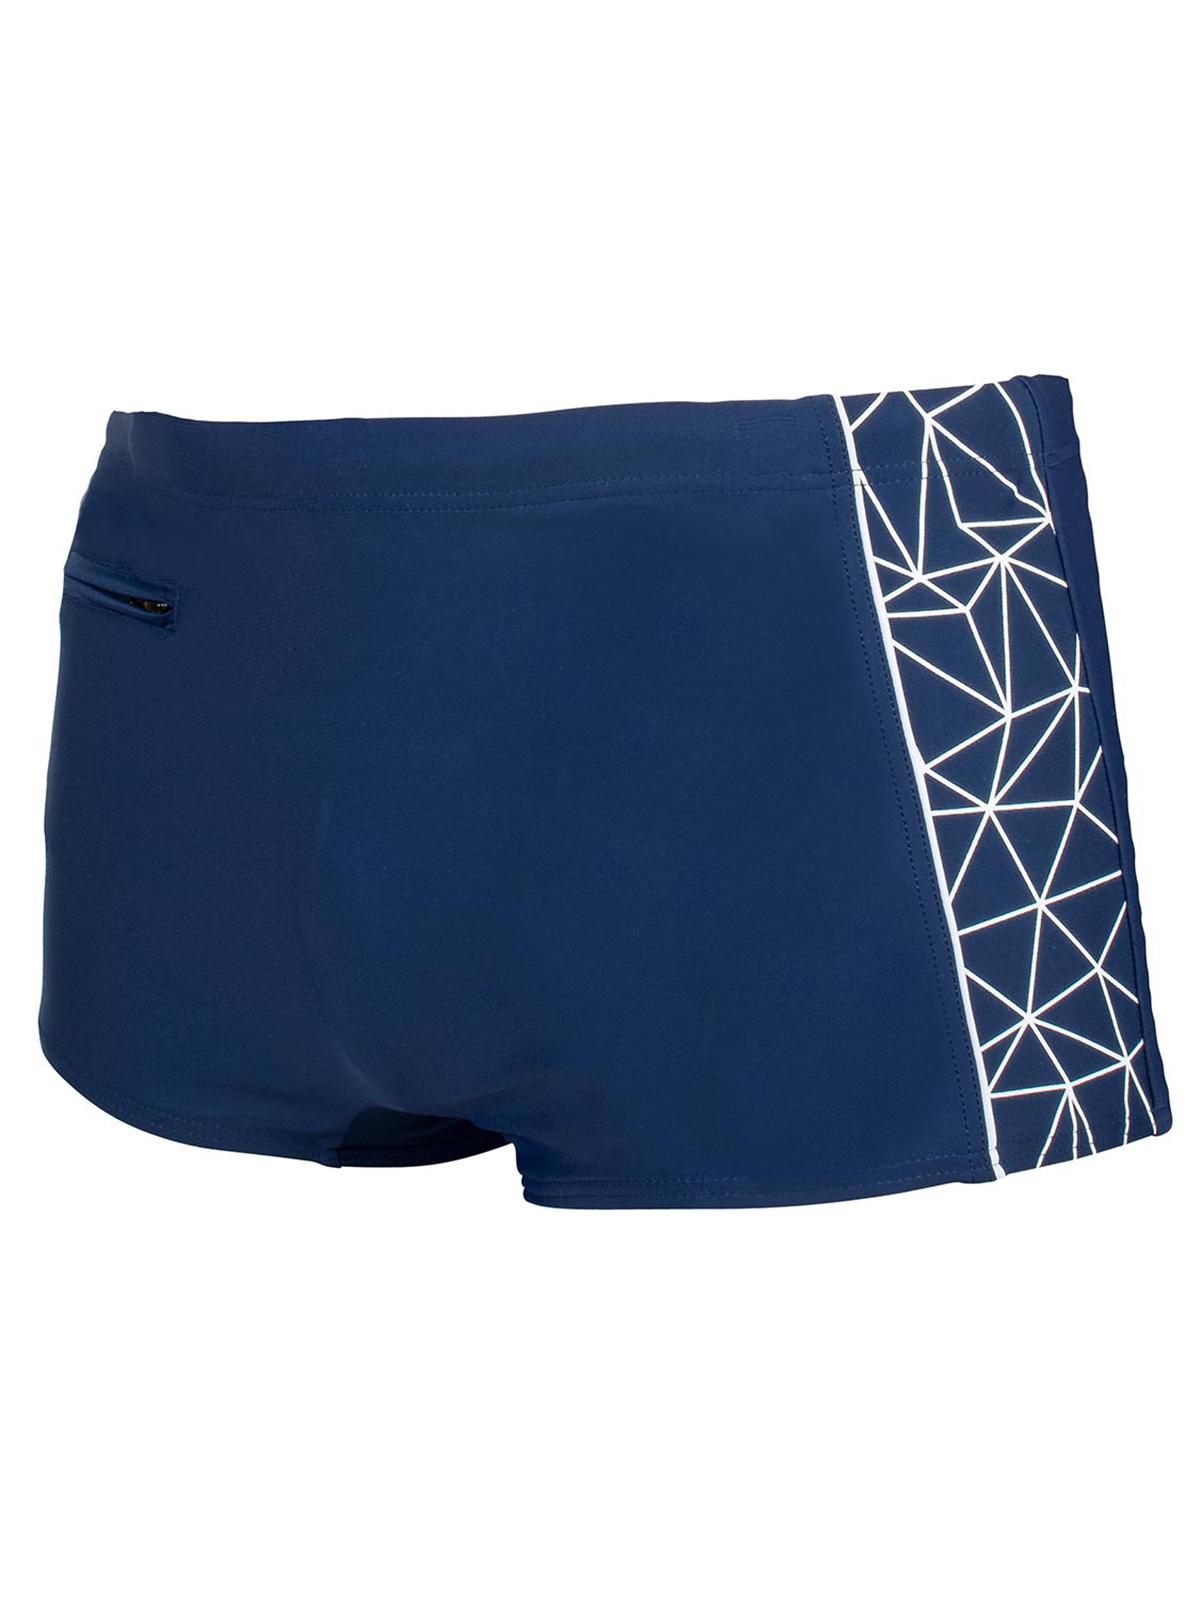 NATURANA Pants 72807